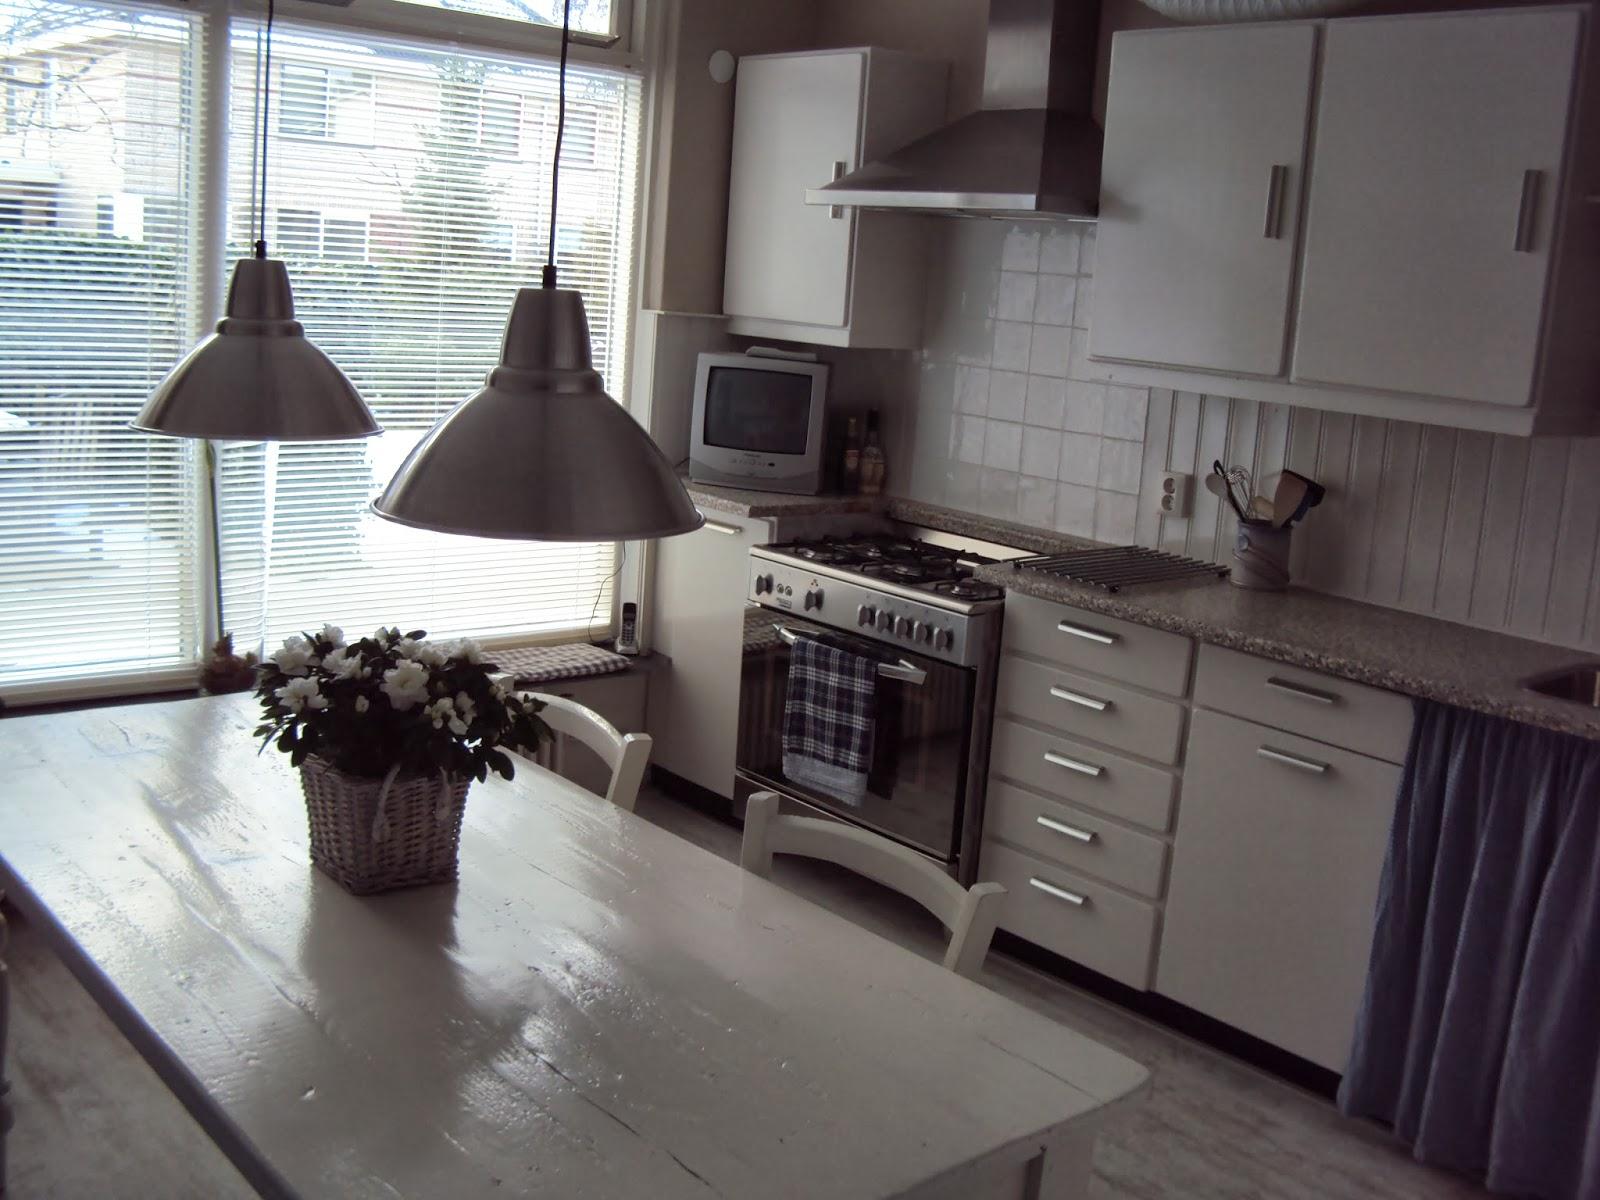 Piet Zwart Keuken : Handgrepen keuken piet zwart u informatie over de keuken